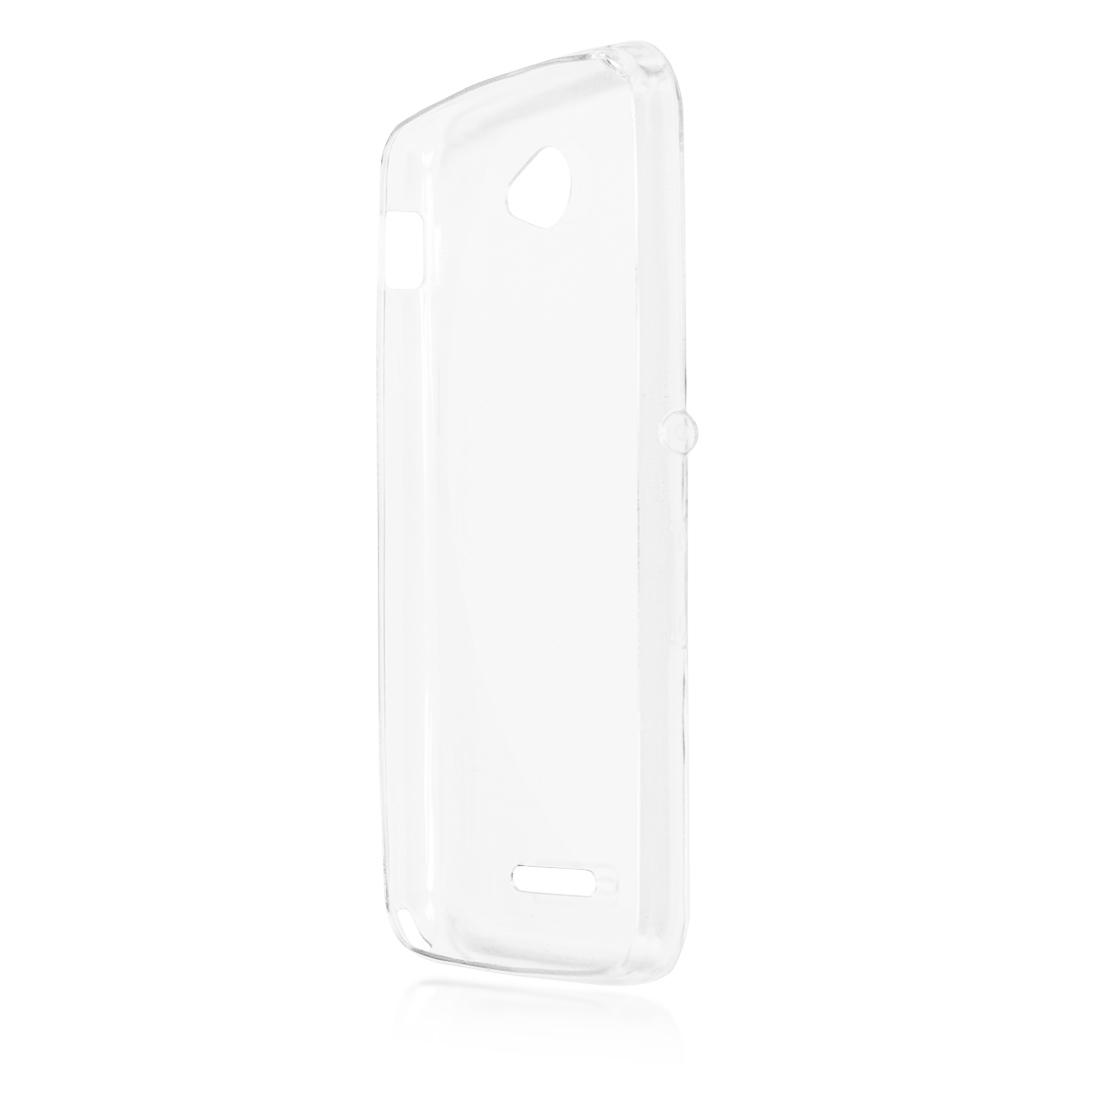 Силиконовая накладка для Xperia E4 в Sony Centre Воронеж